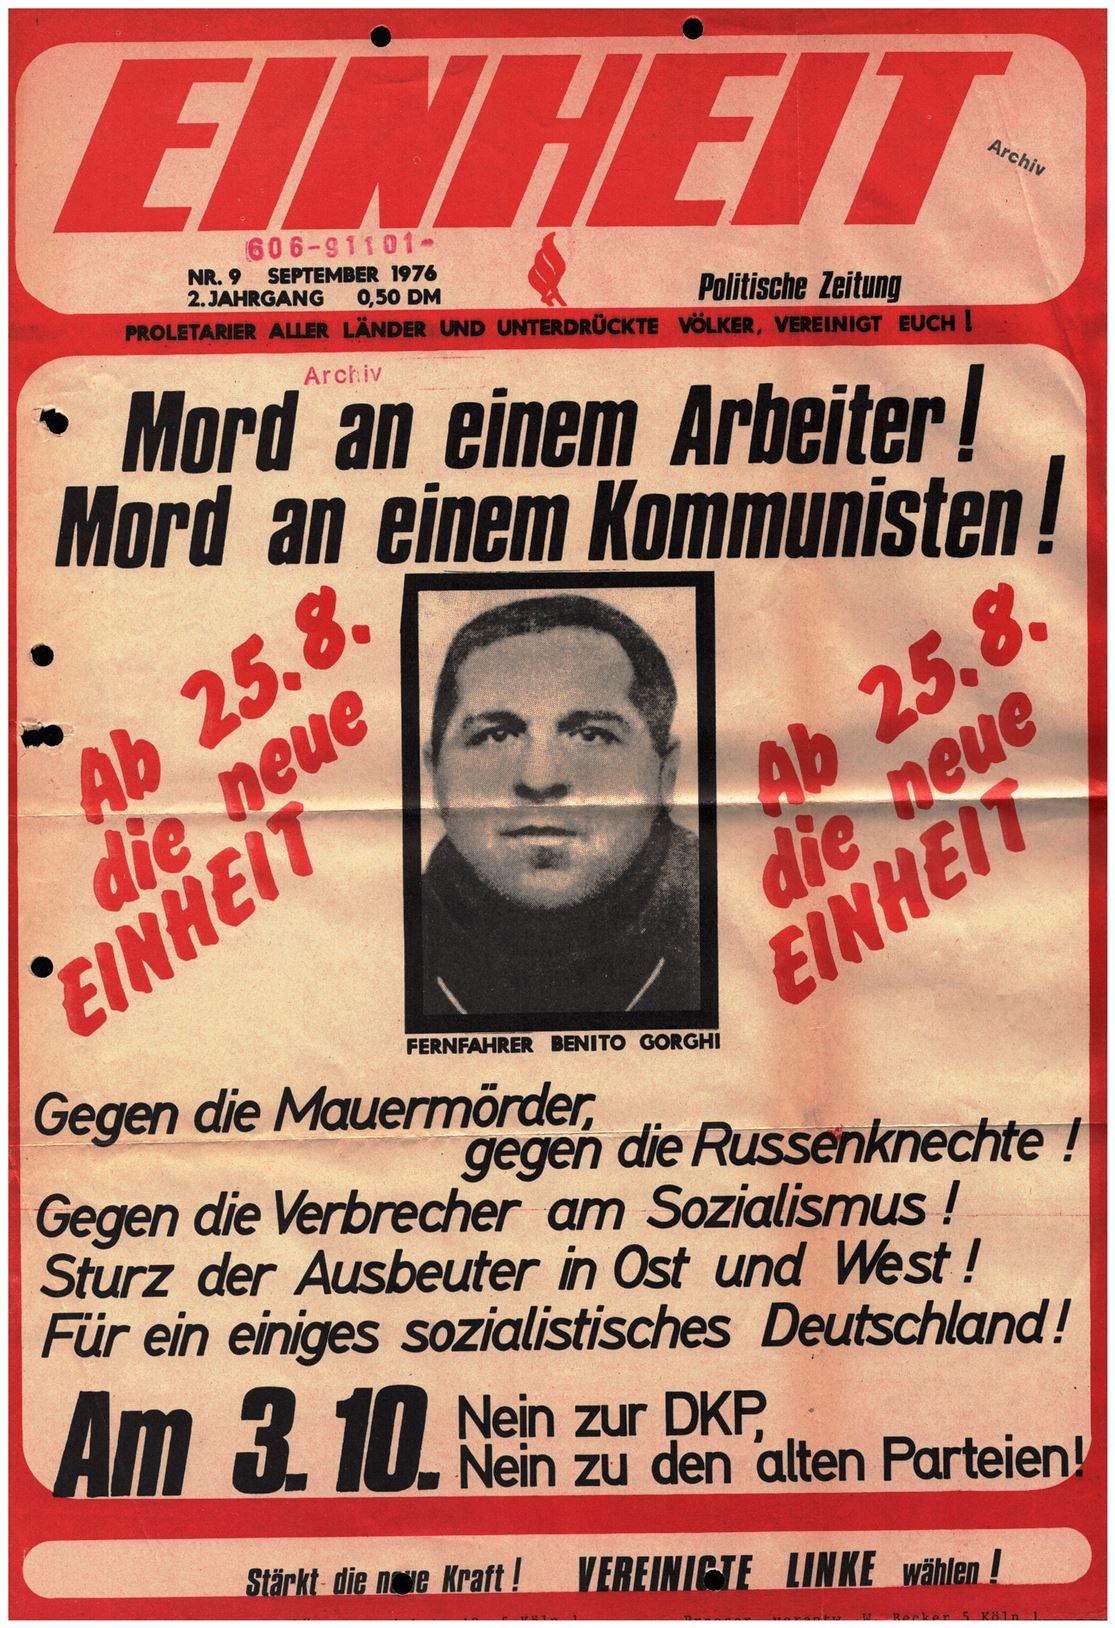 Koeln_IPdA_Einheit_1976_009_000.jpg